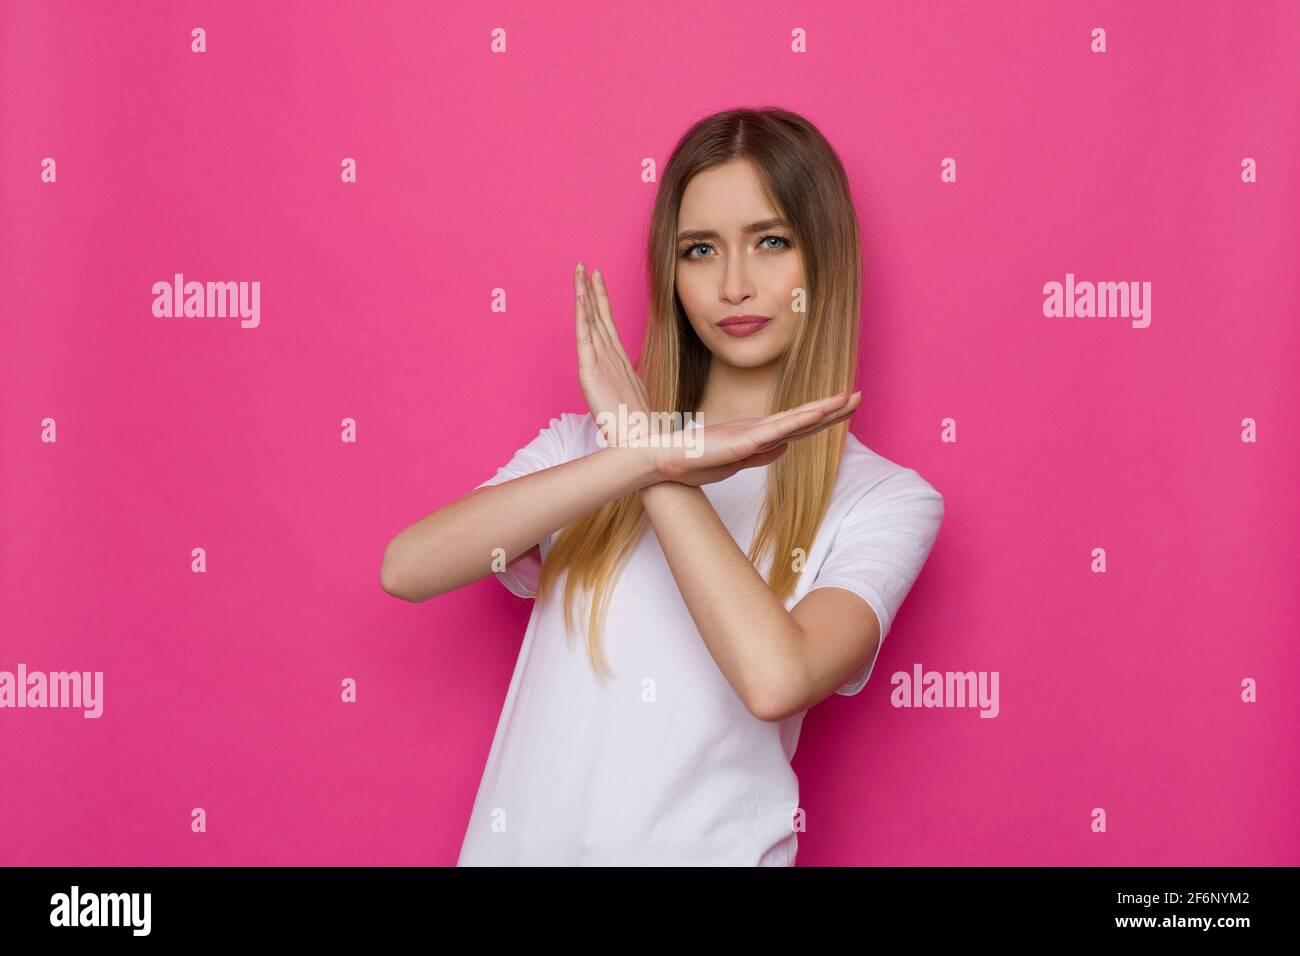 Una joven segura de sí misma NO está mostrando ningún signo con las manos cruzadas. Estudio de cintura arriba sobre fondo rosa. Foto de stock